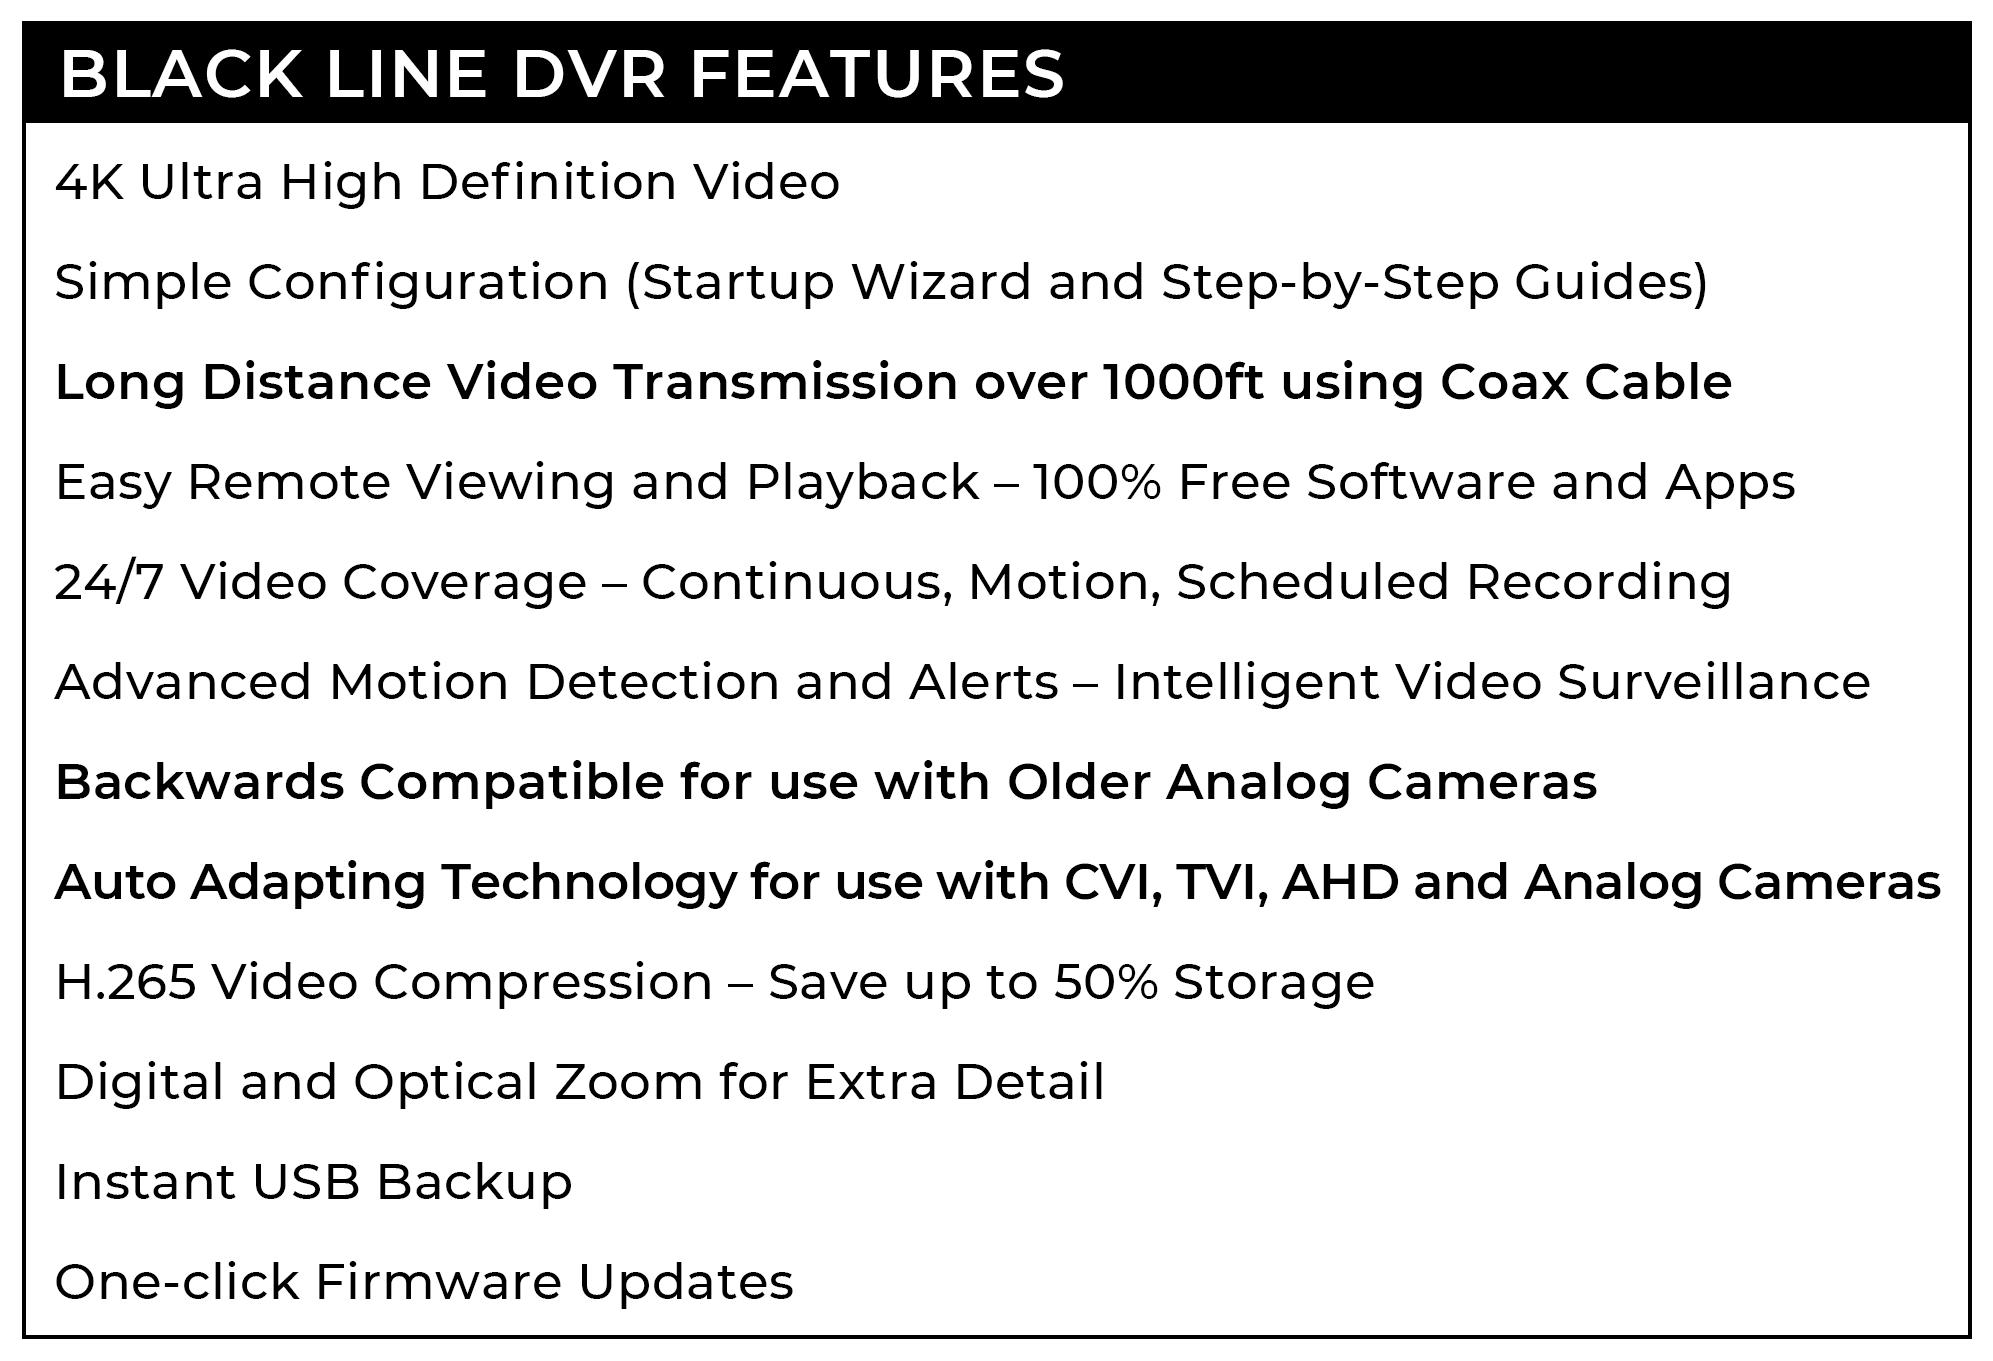 Black line DVR Features